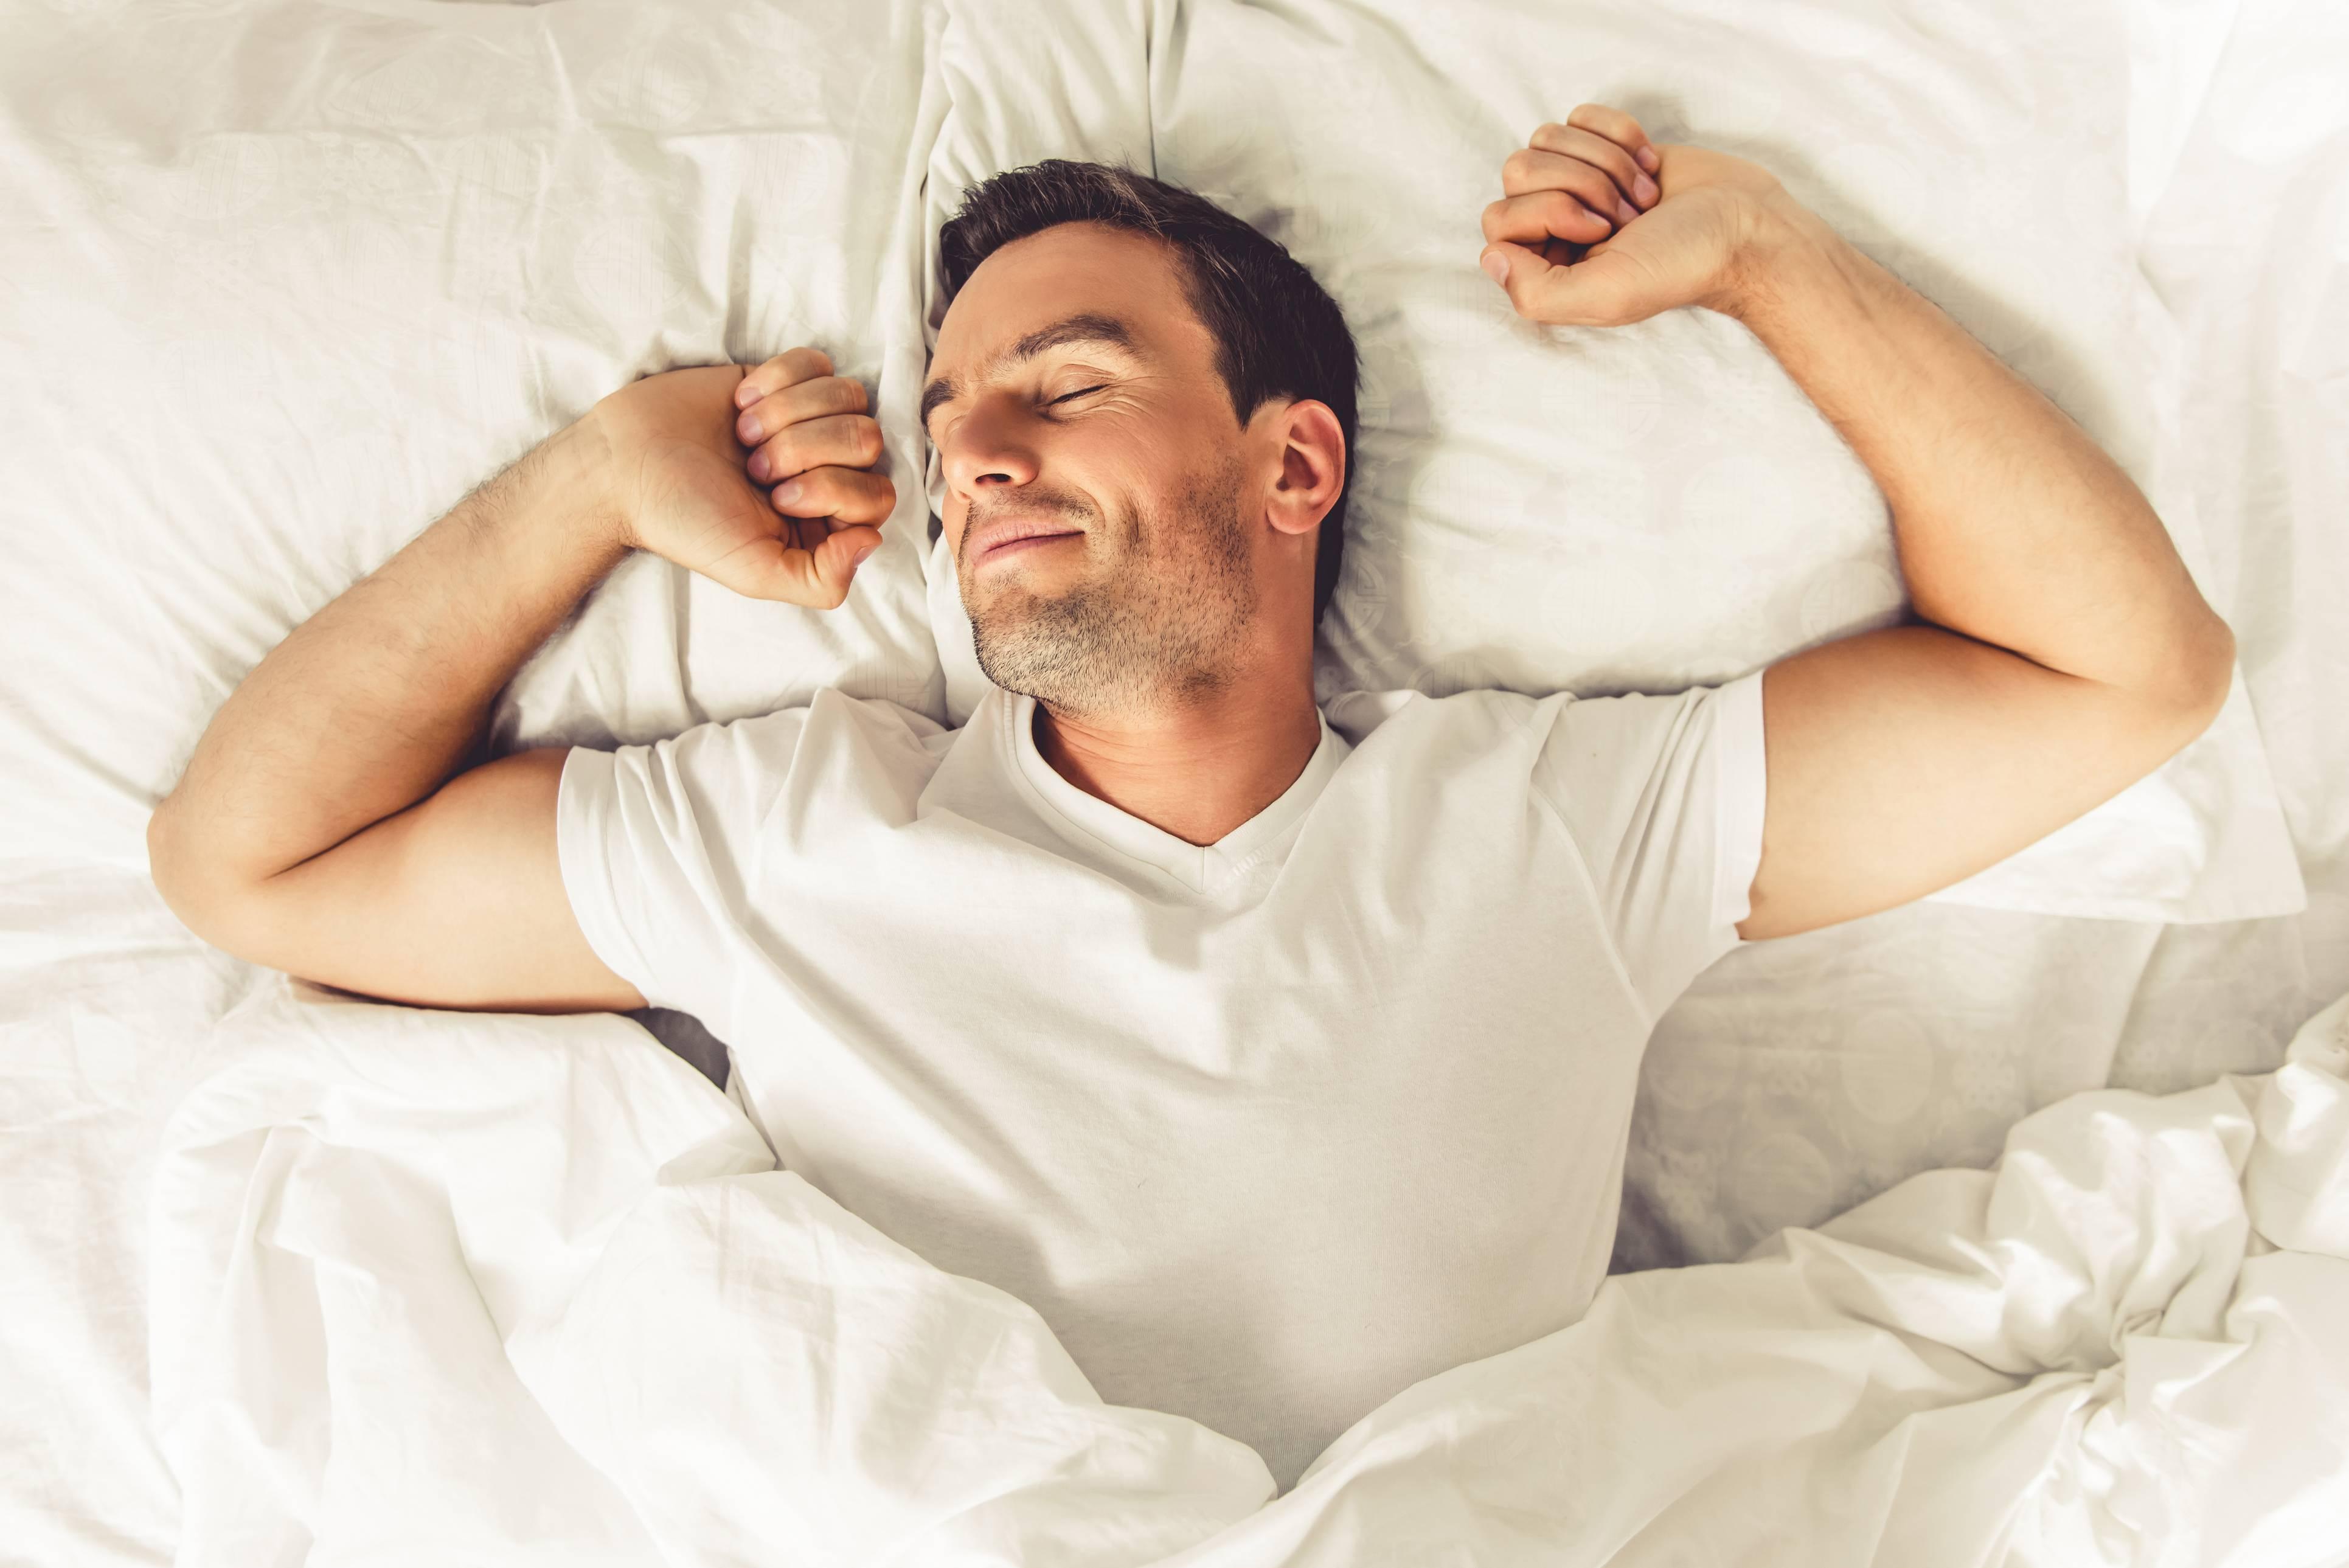 Как быстро уложить спать пьяного, несколько советов жене